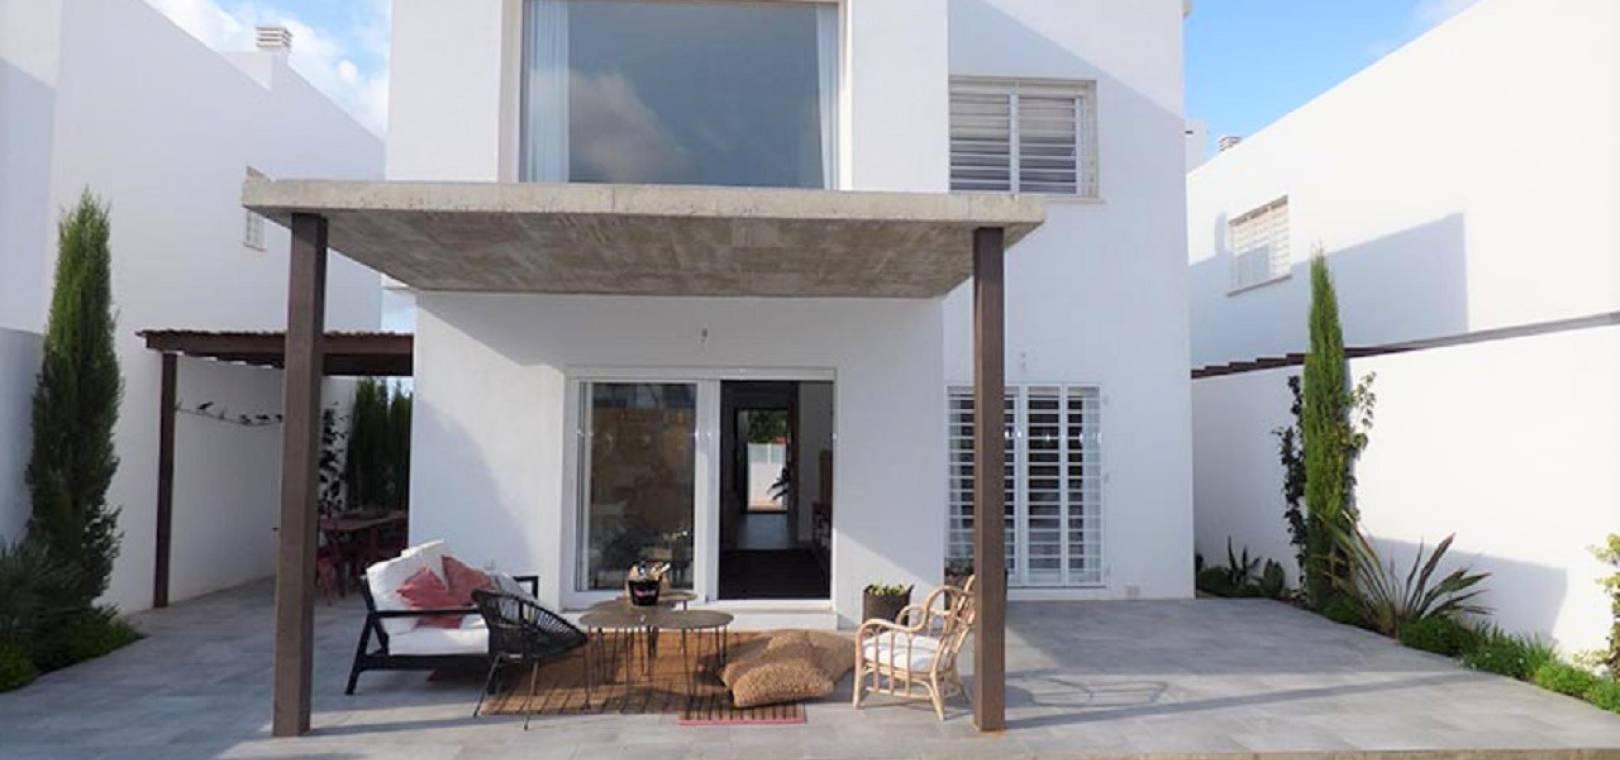 Nouvelle construction - Villa - La Manga del Mar Menor - La Manga